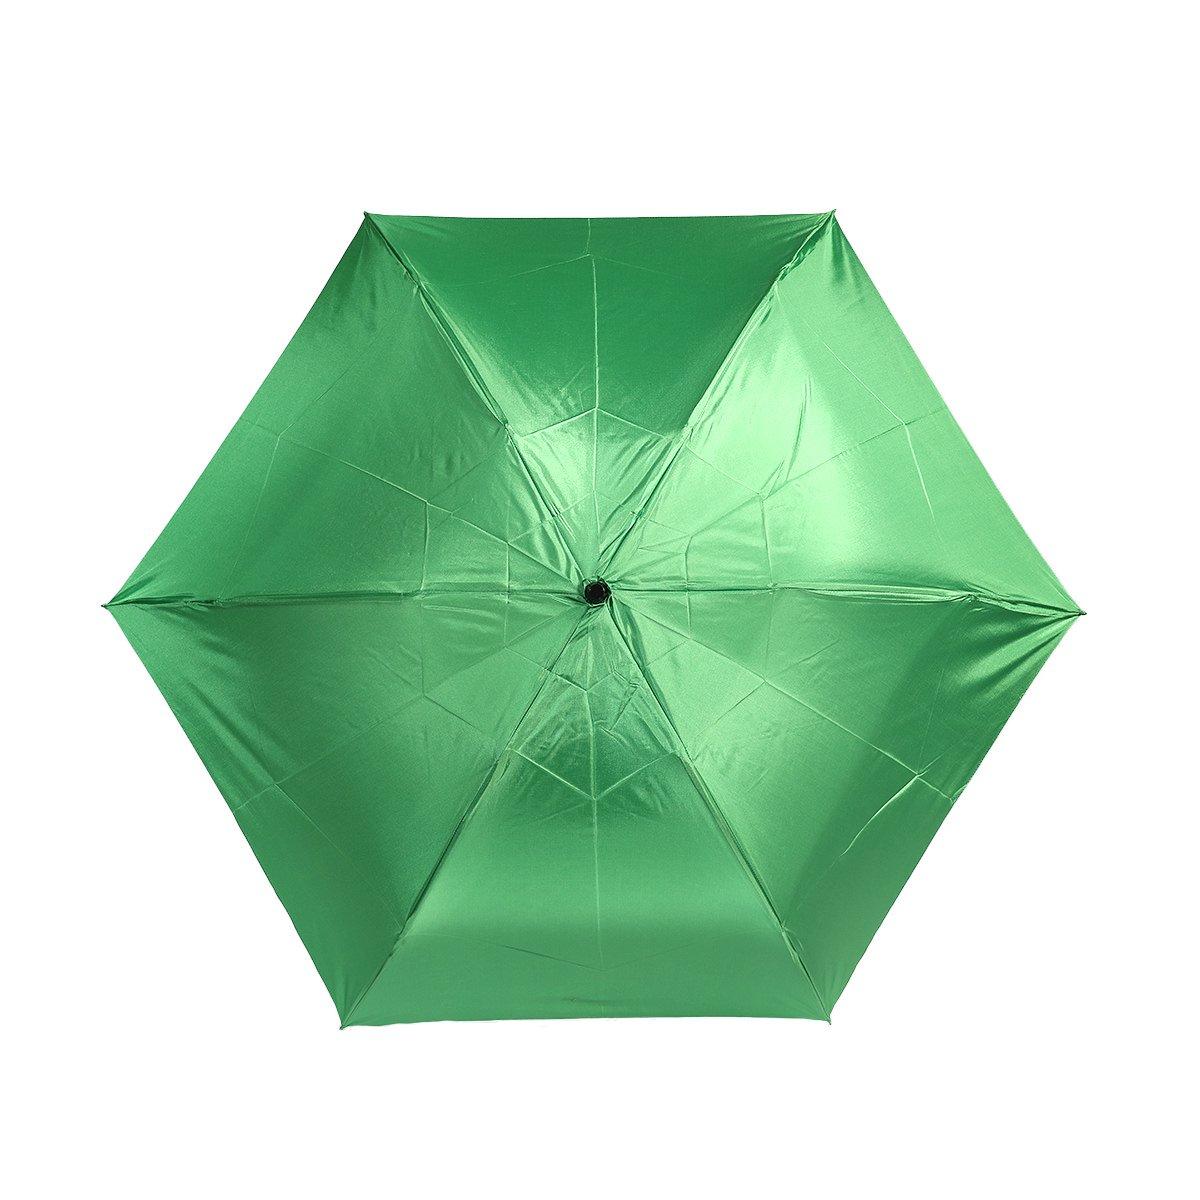 レディース 富士絹 折りたたみ傘 詳細画像12